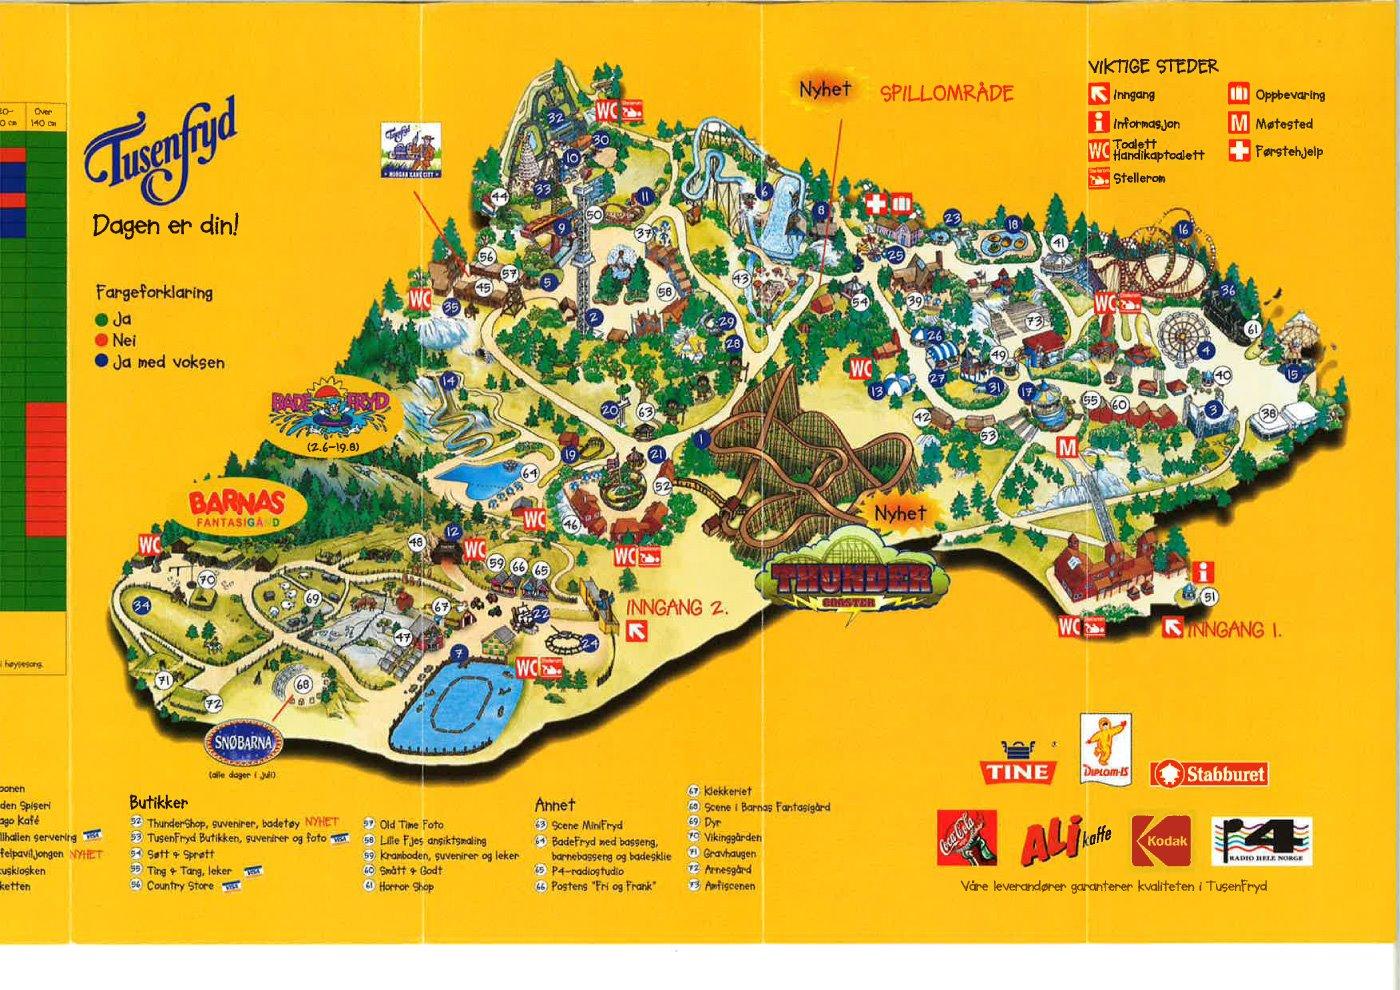 tusenfryd kart File:Parkkart fra TusenFryd (2001).   Wikimedia Commons tusenfryd kart